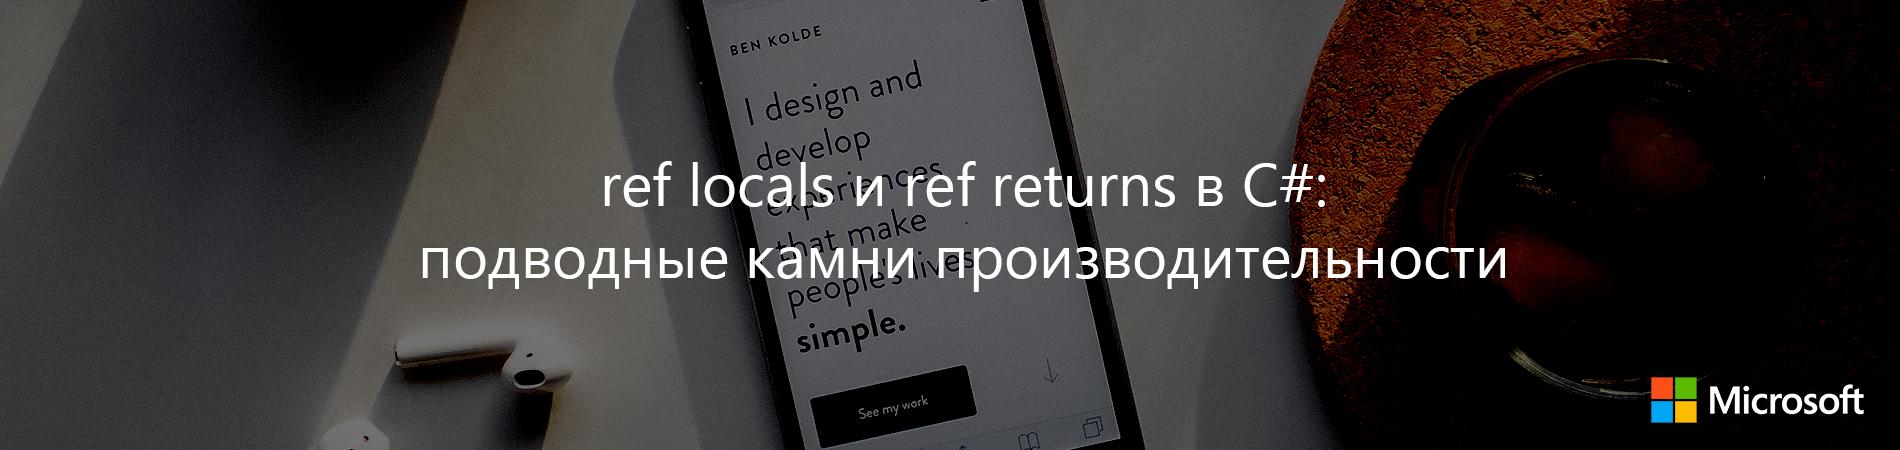 ref locals and ref returns in C #: